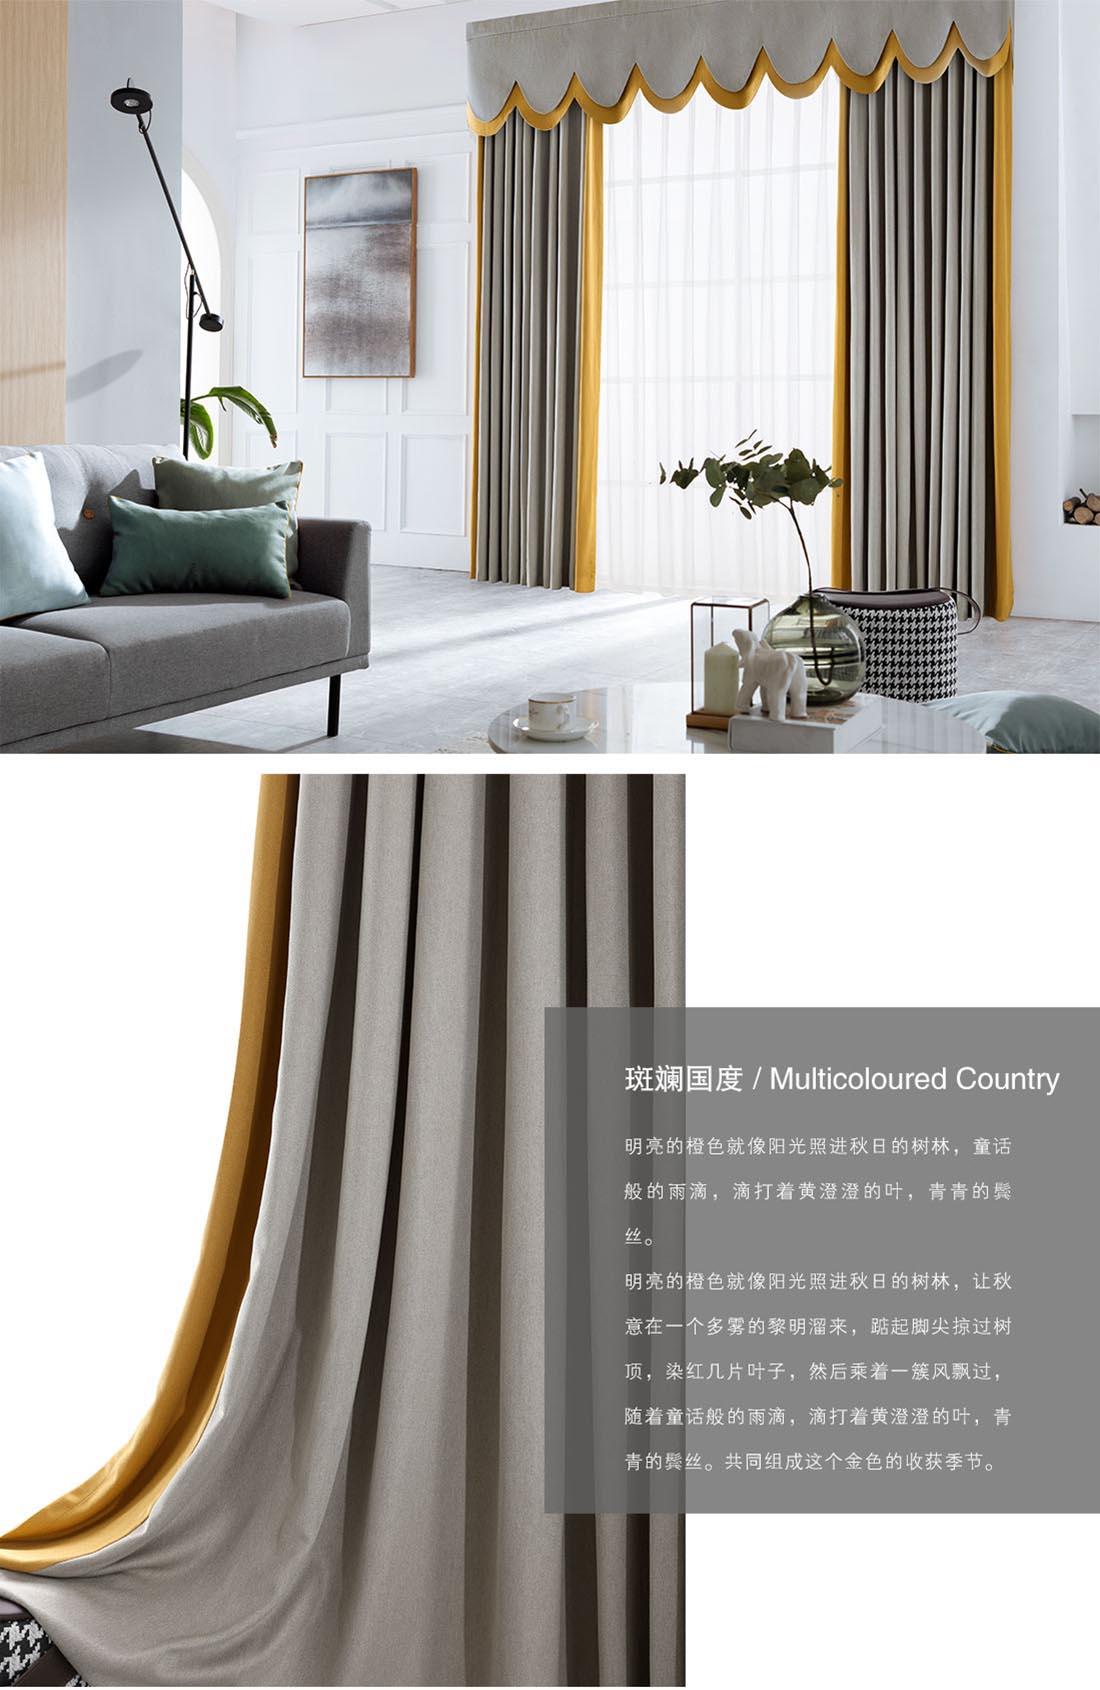 灰色撞色斜纹棉遮光窗帘